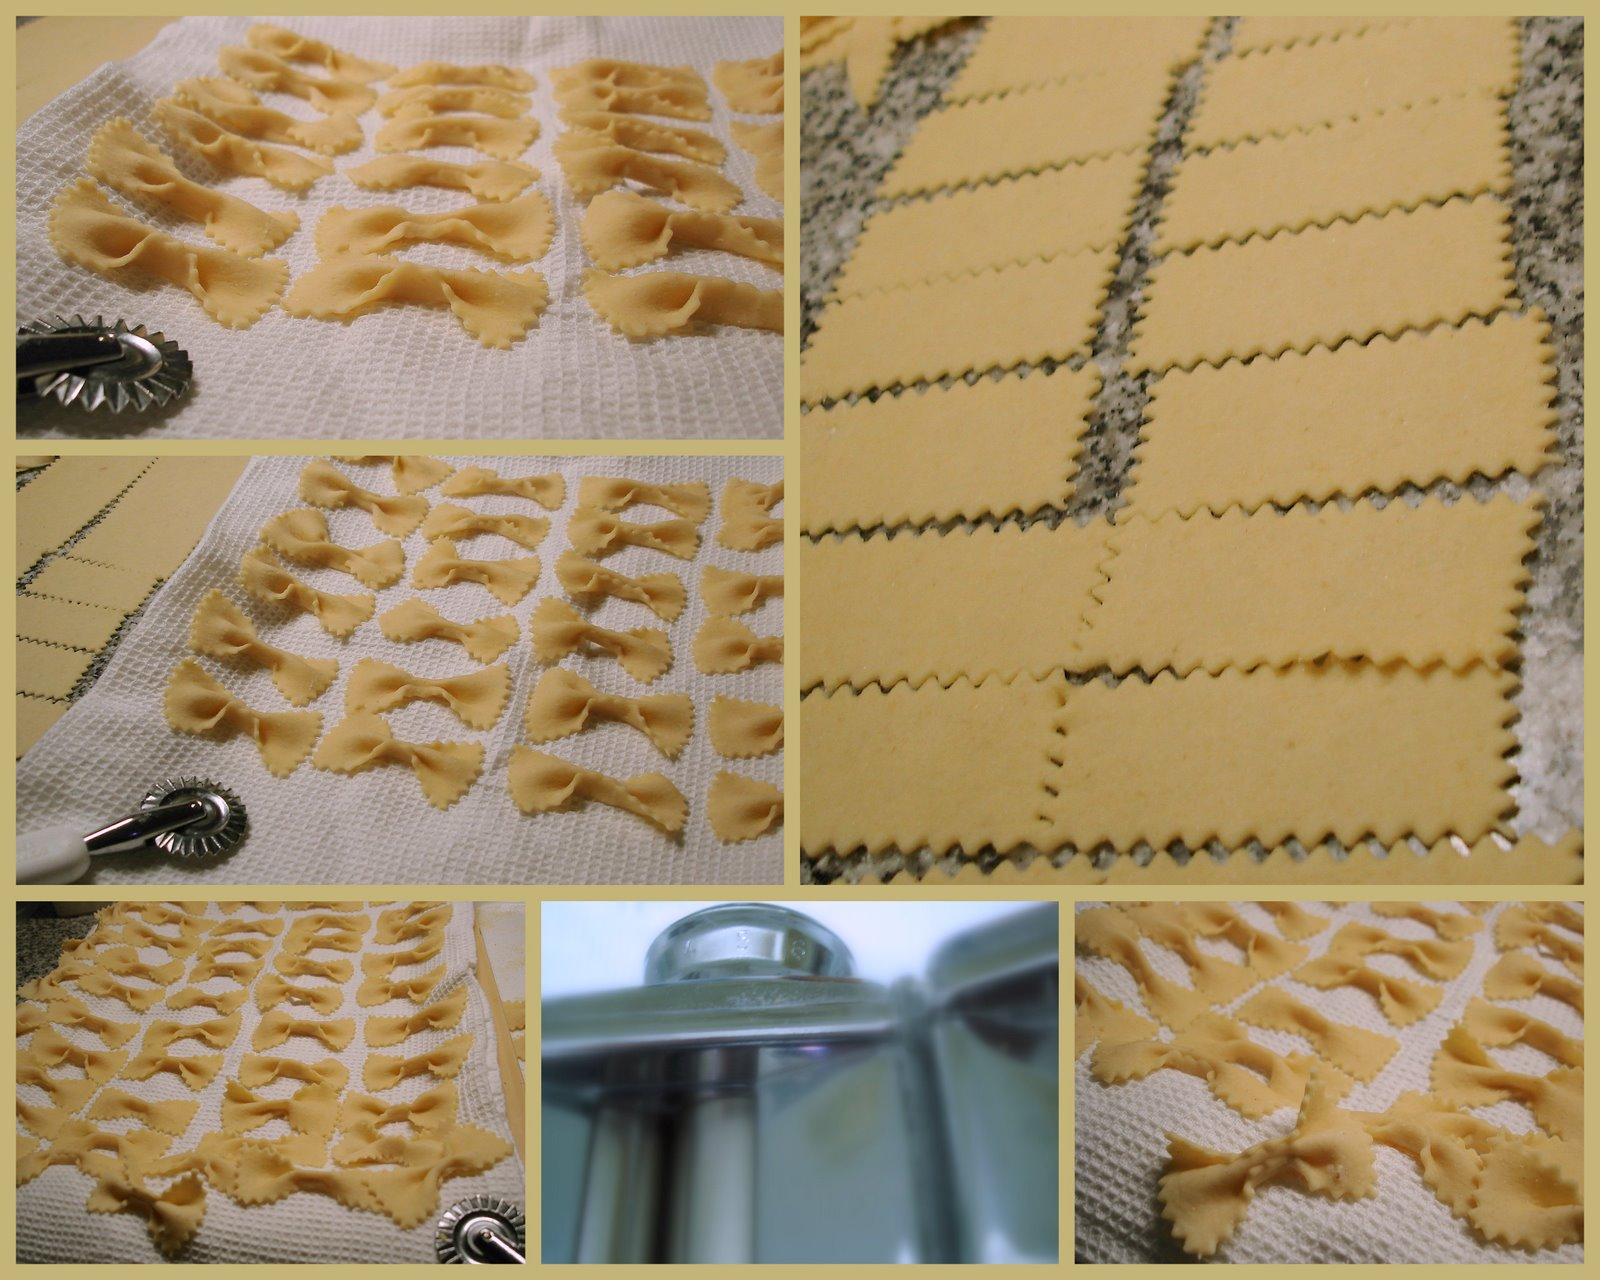 Todo caserito mo itos farfalle lacitos pasta casera - Maquina para hacer pastas caseras ...